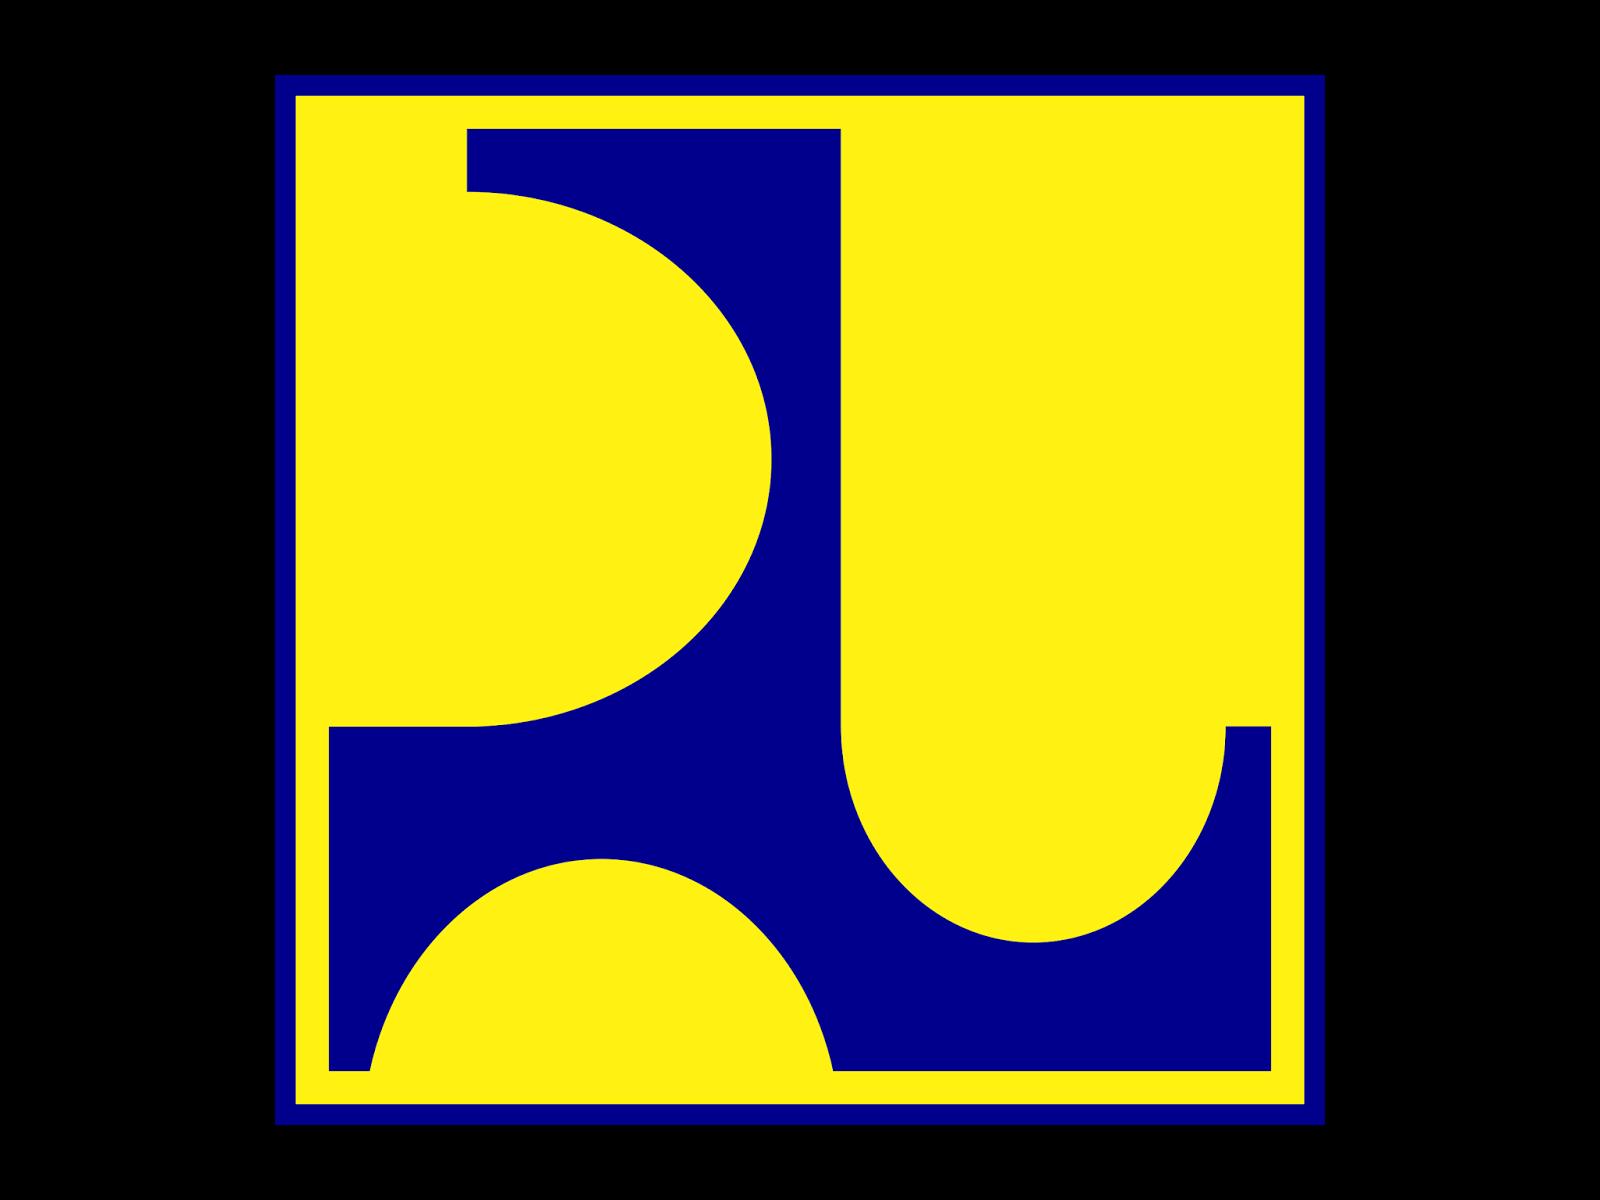 logo kementrian pekerjaan umum cdr png format gudril